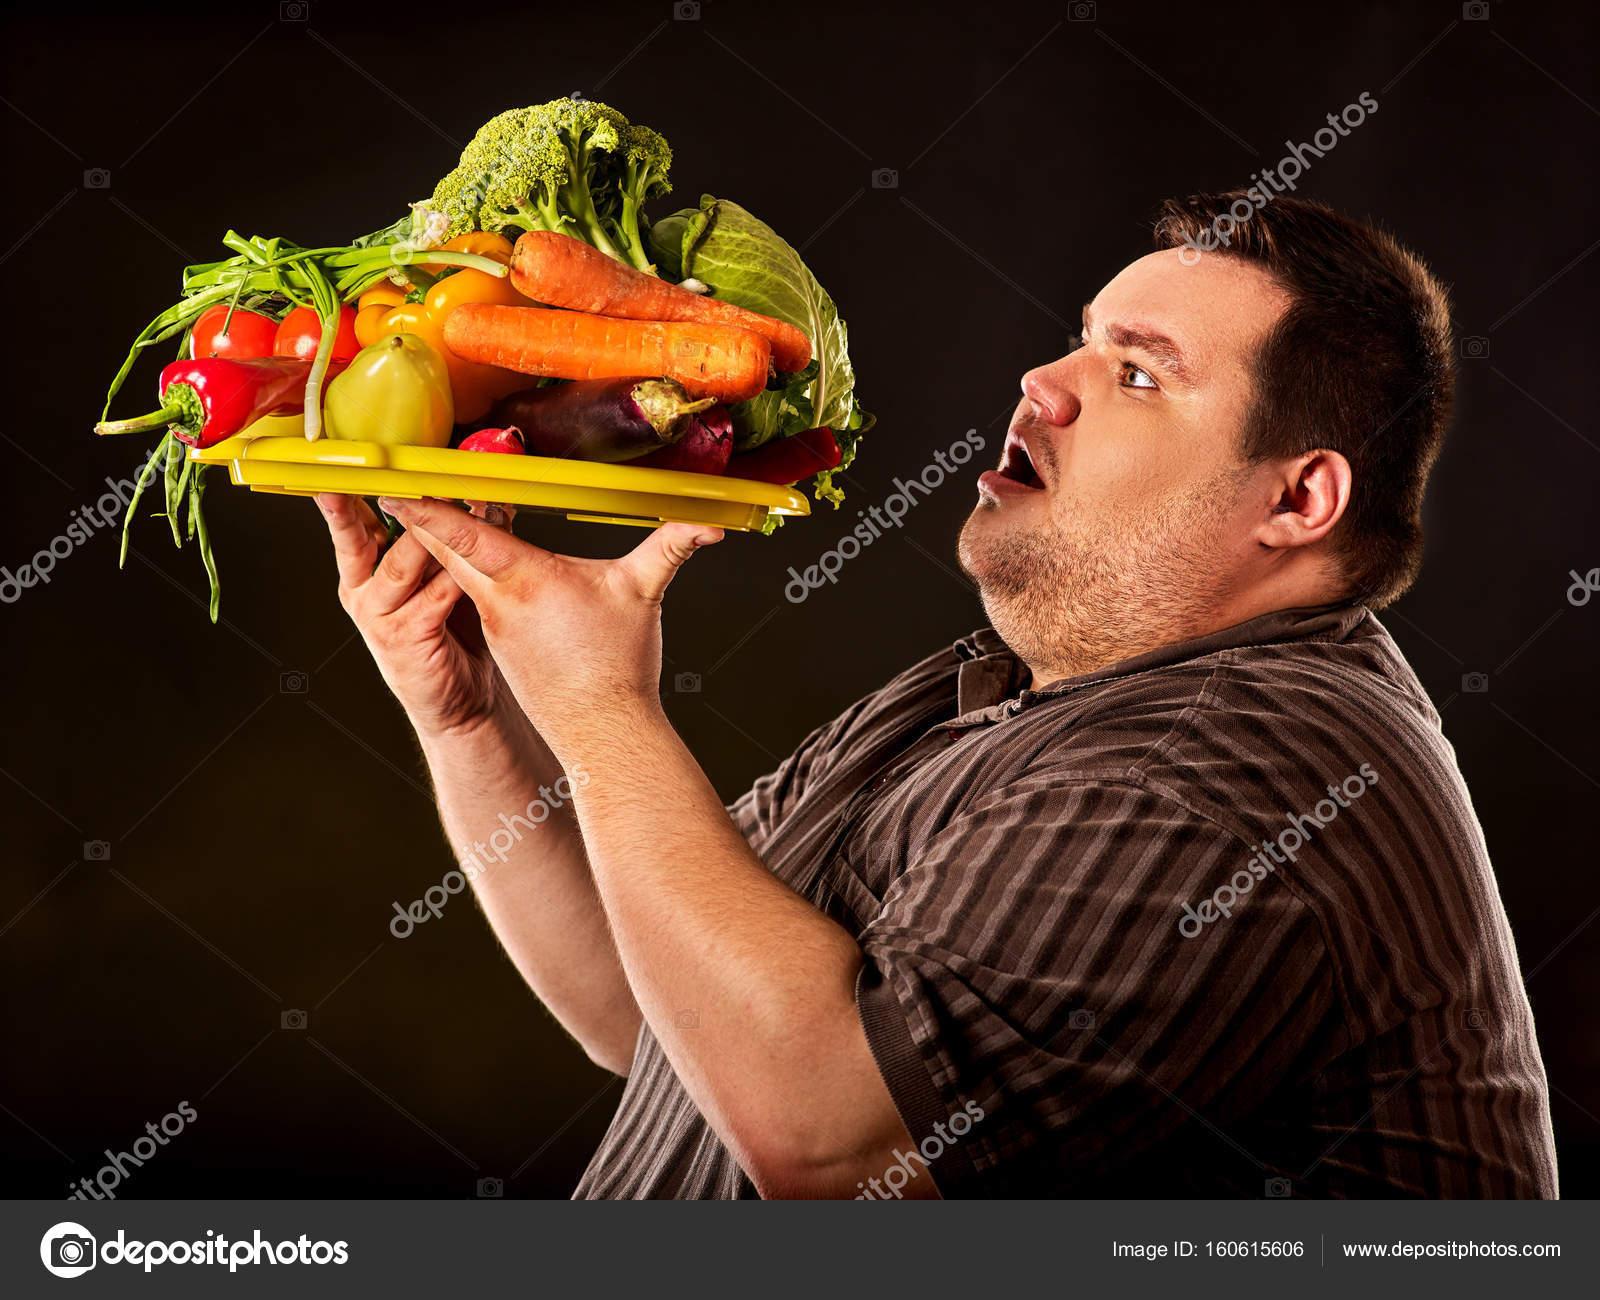 Diete Per Perdere Peso Uomo : Perdere peso per gli uomini dietonus